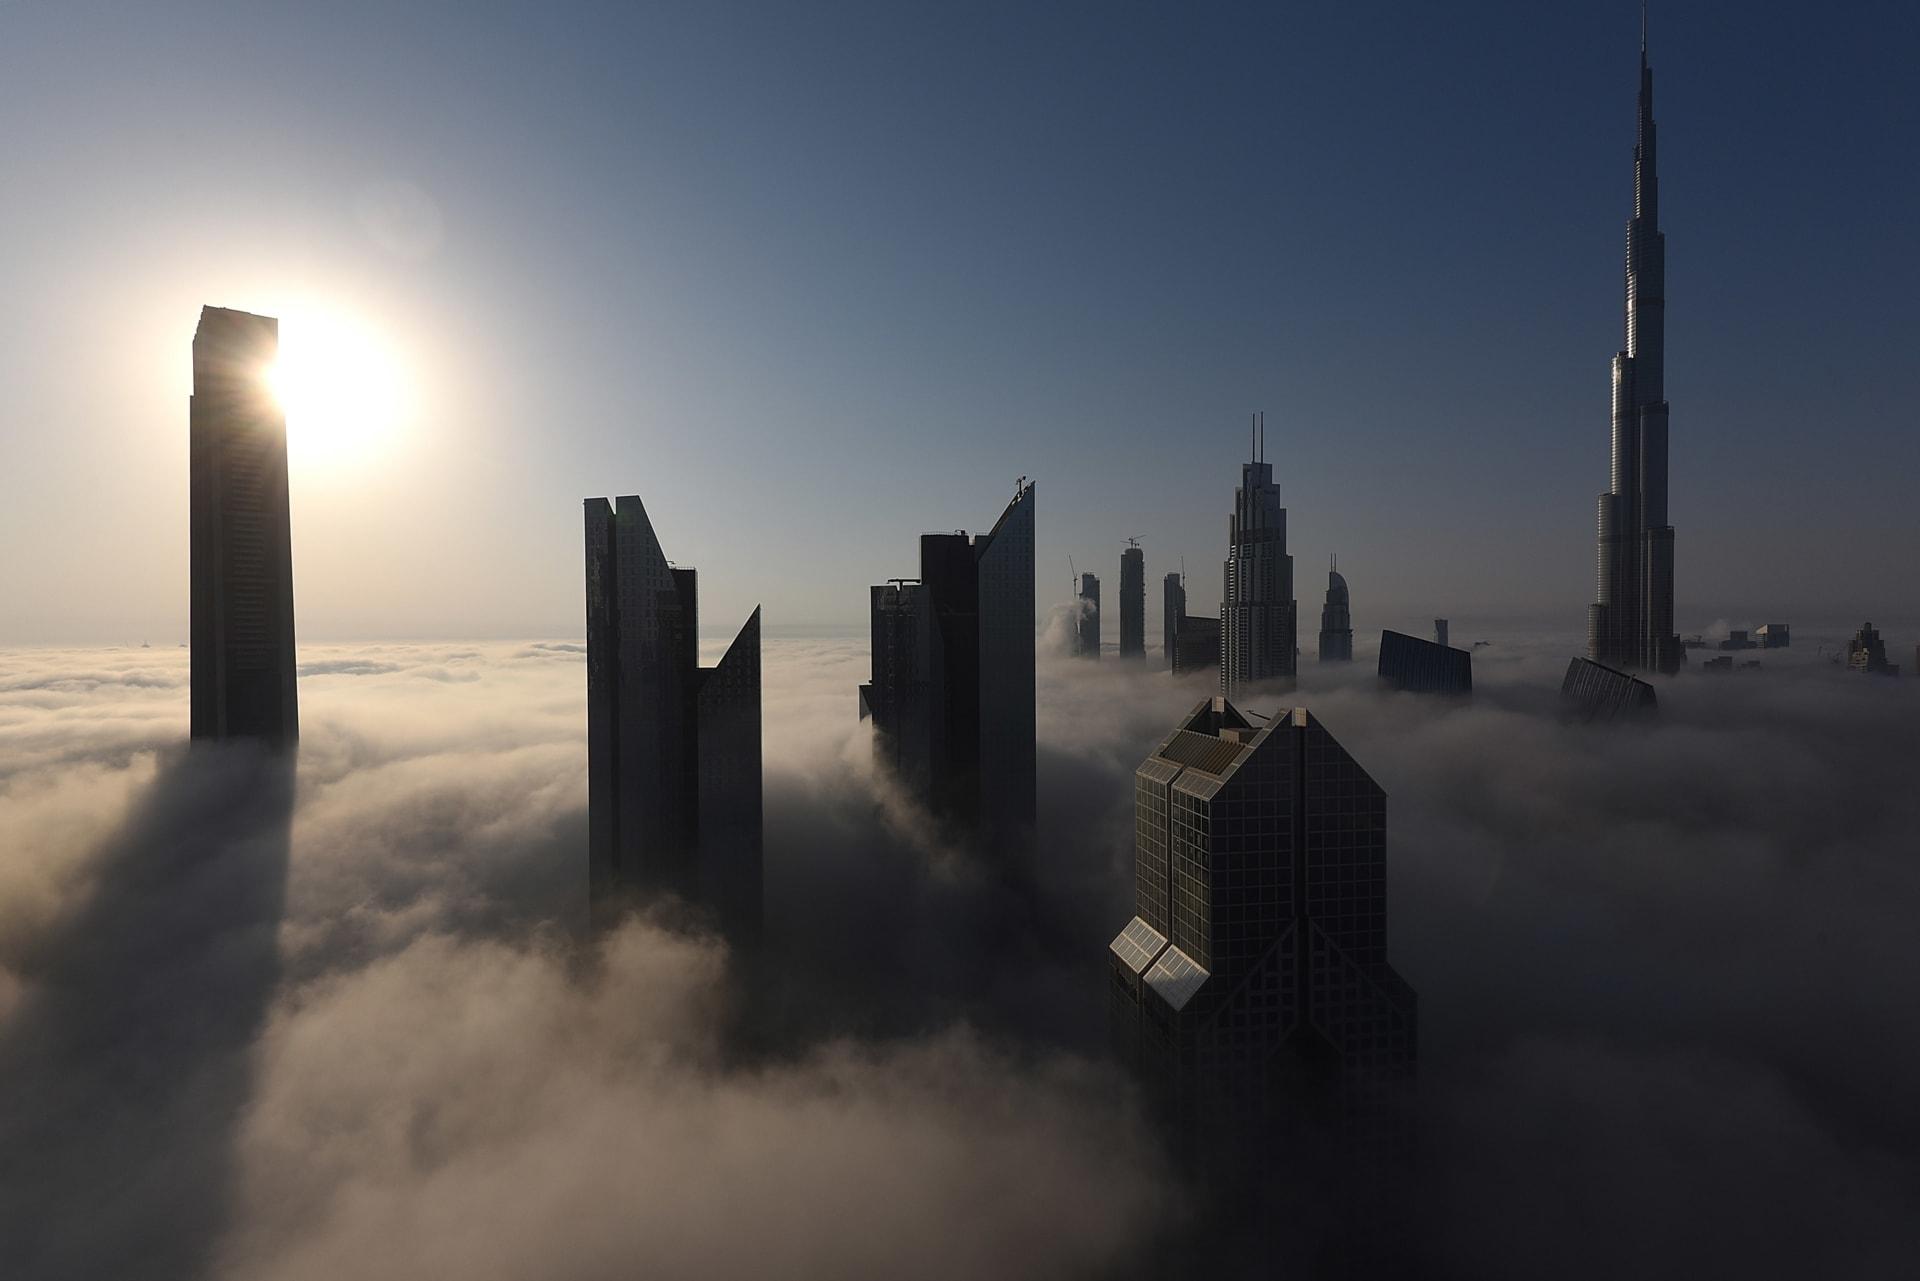 الإمارات تمنح جنسيتها لفئات جديدة.. ومحمد بن راشد: سيسمح للكفاءات بالاحتفاظ بجوازها الأصلي